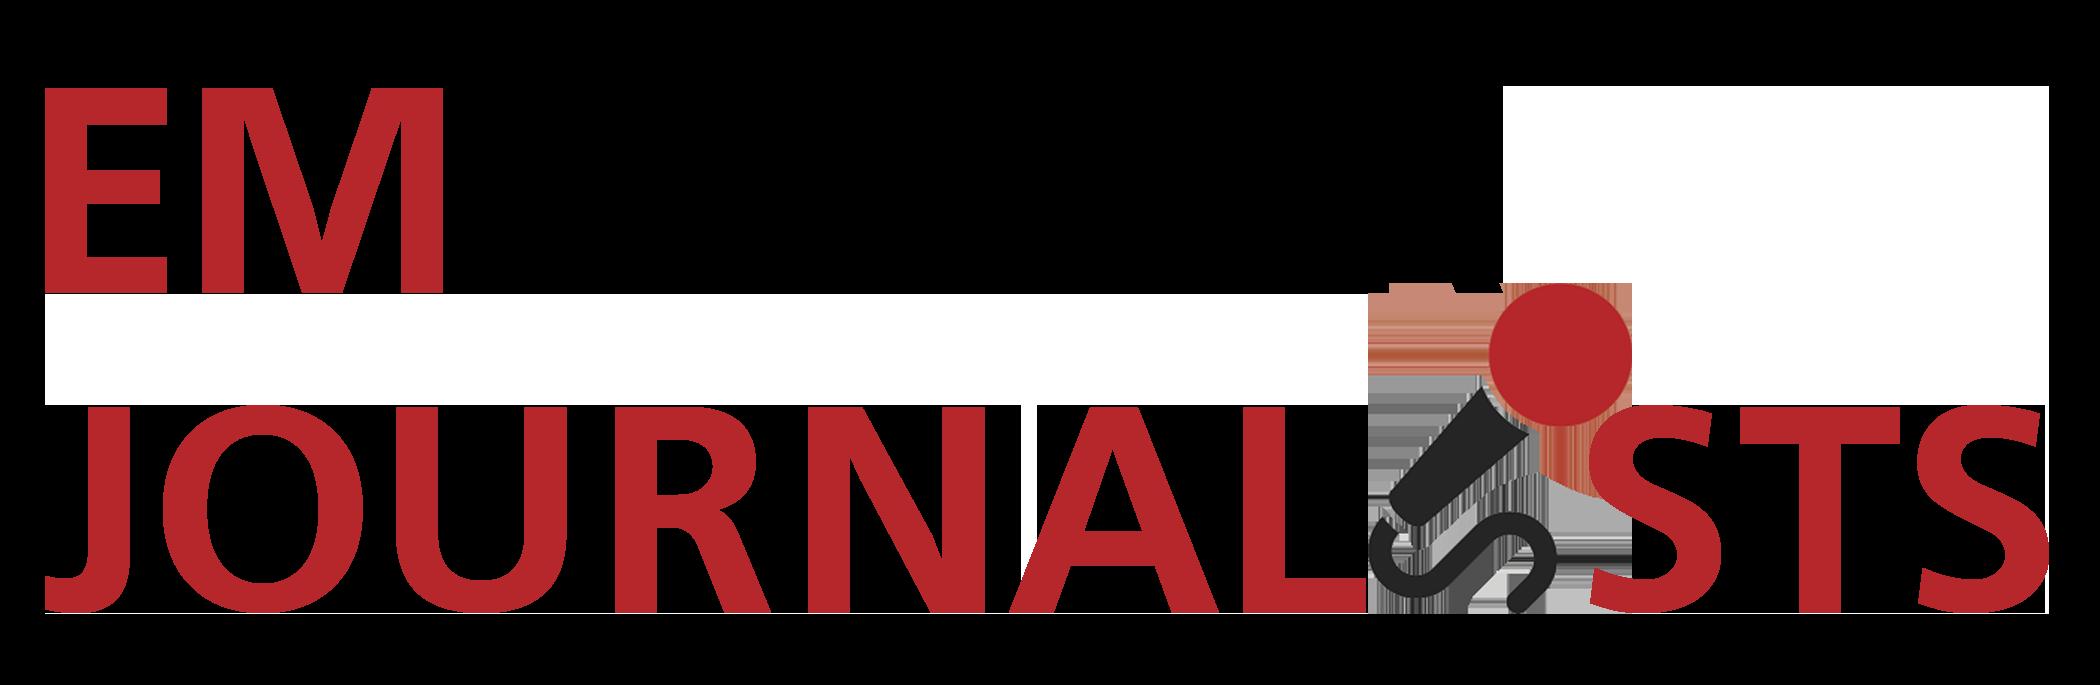 Empower Journalist